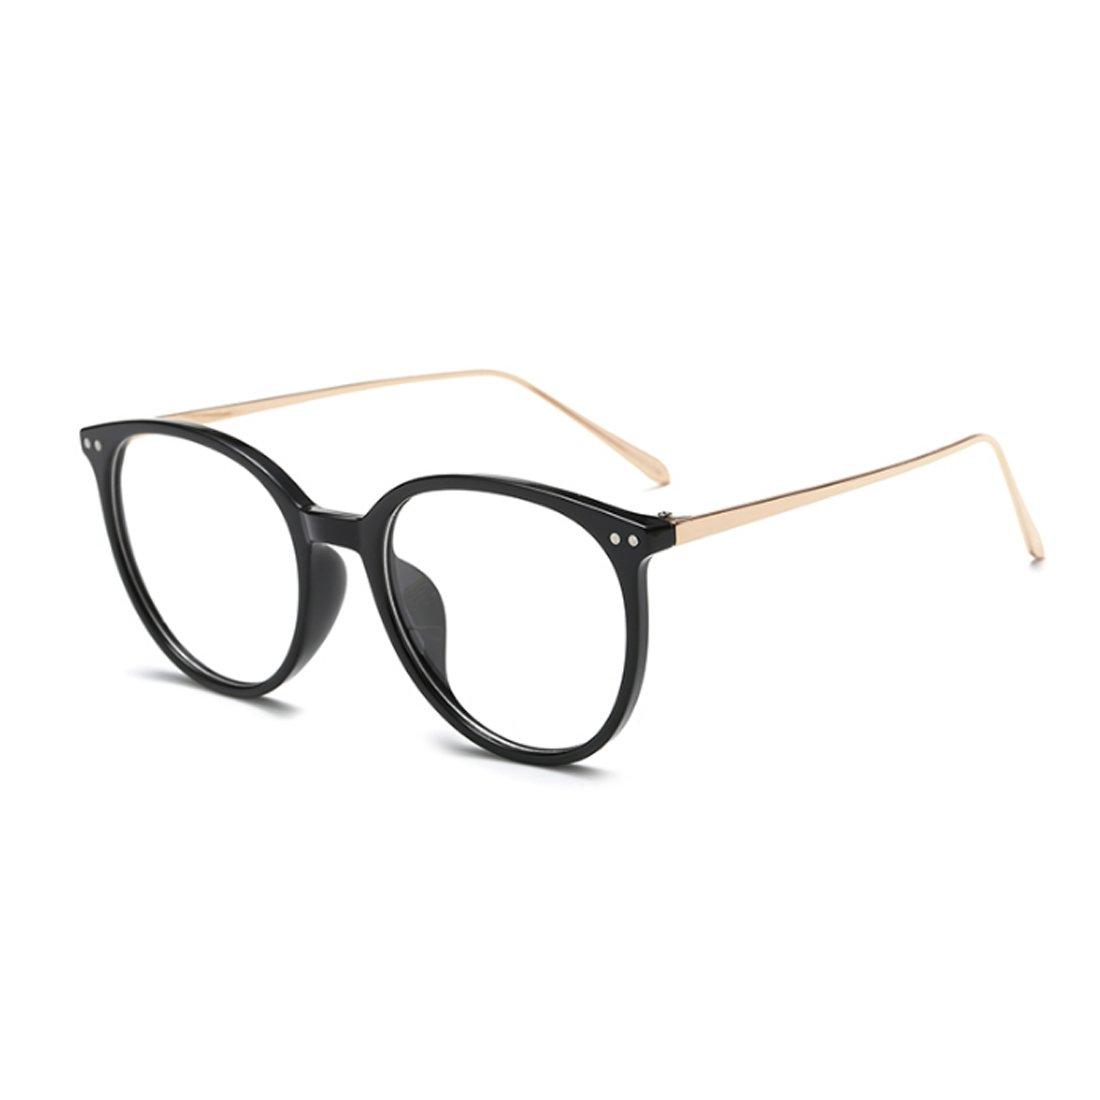 Aiweijia Vintage Gafas para la miopía Mujer masculina De moda Marco completo Gafas Lentes de resina de marco de metal